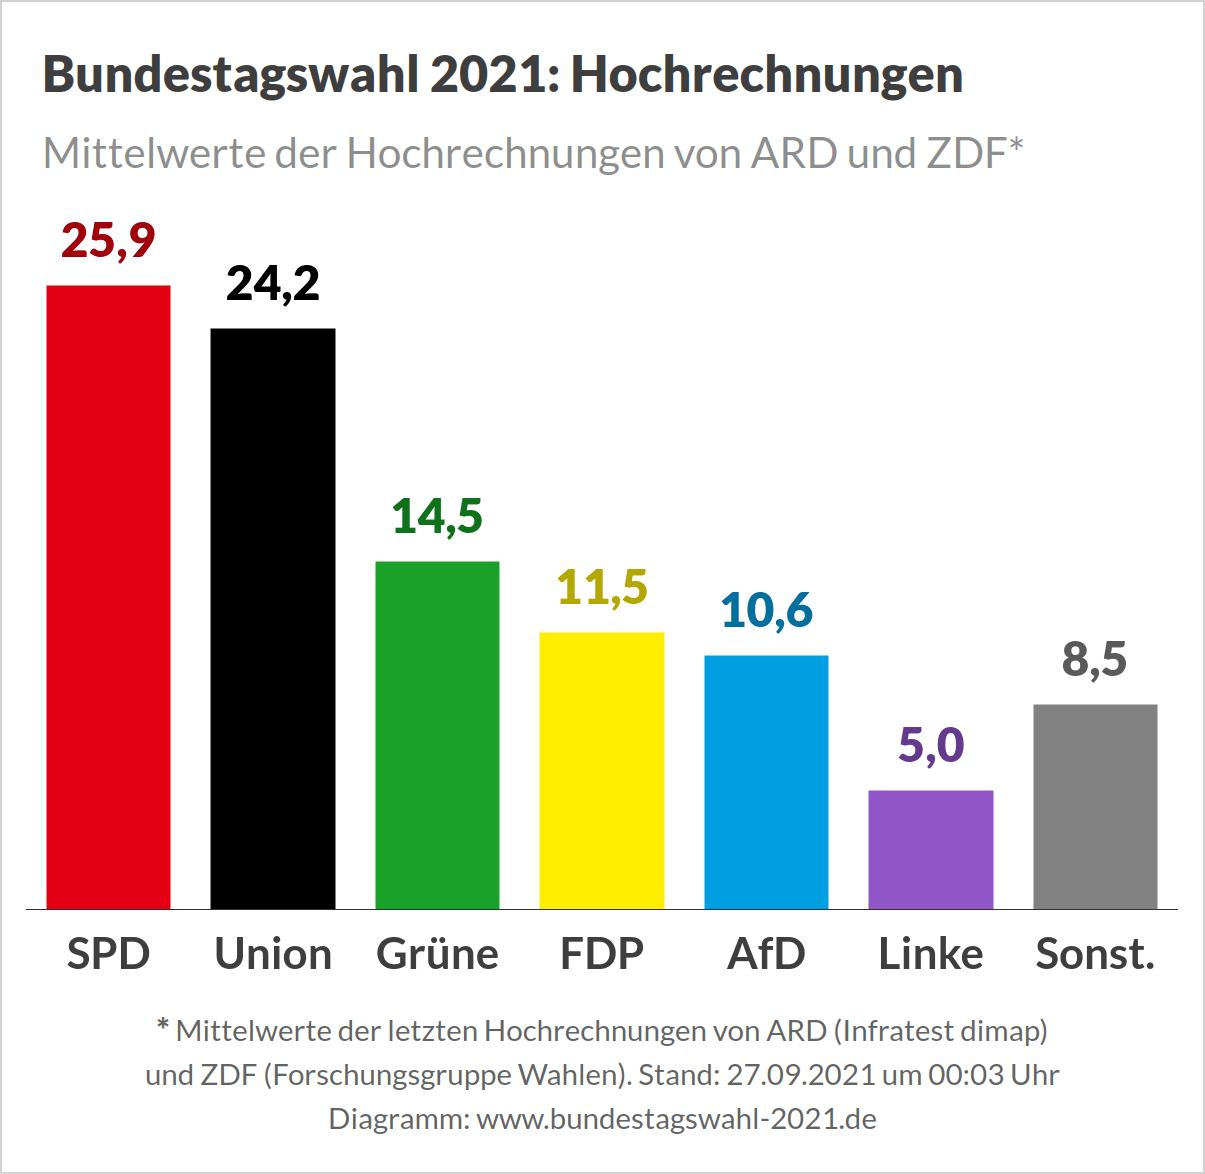 Bầu cử Đức: Xuất hiện tình thế chưa từng có trong lịch sử